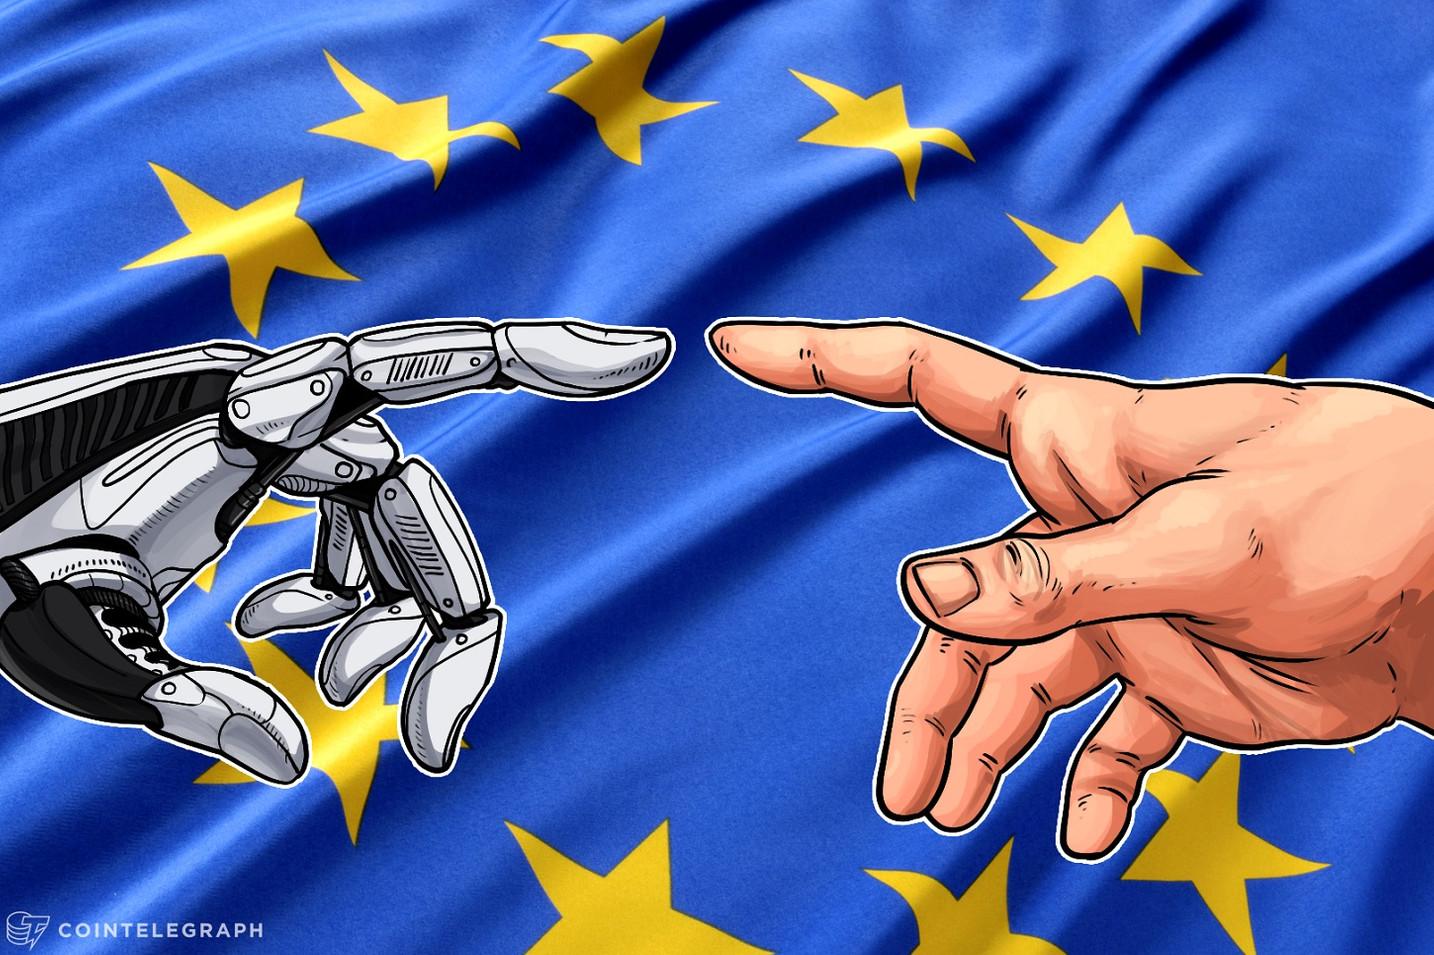 La Commissione Europea vuole combattere le fake news utilizzando la tecnologia Blockchain